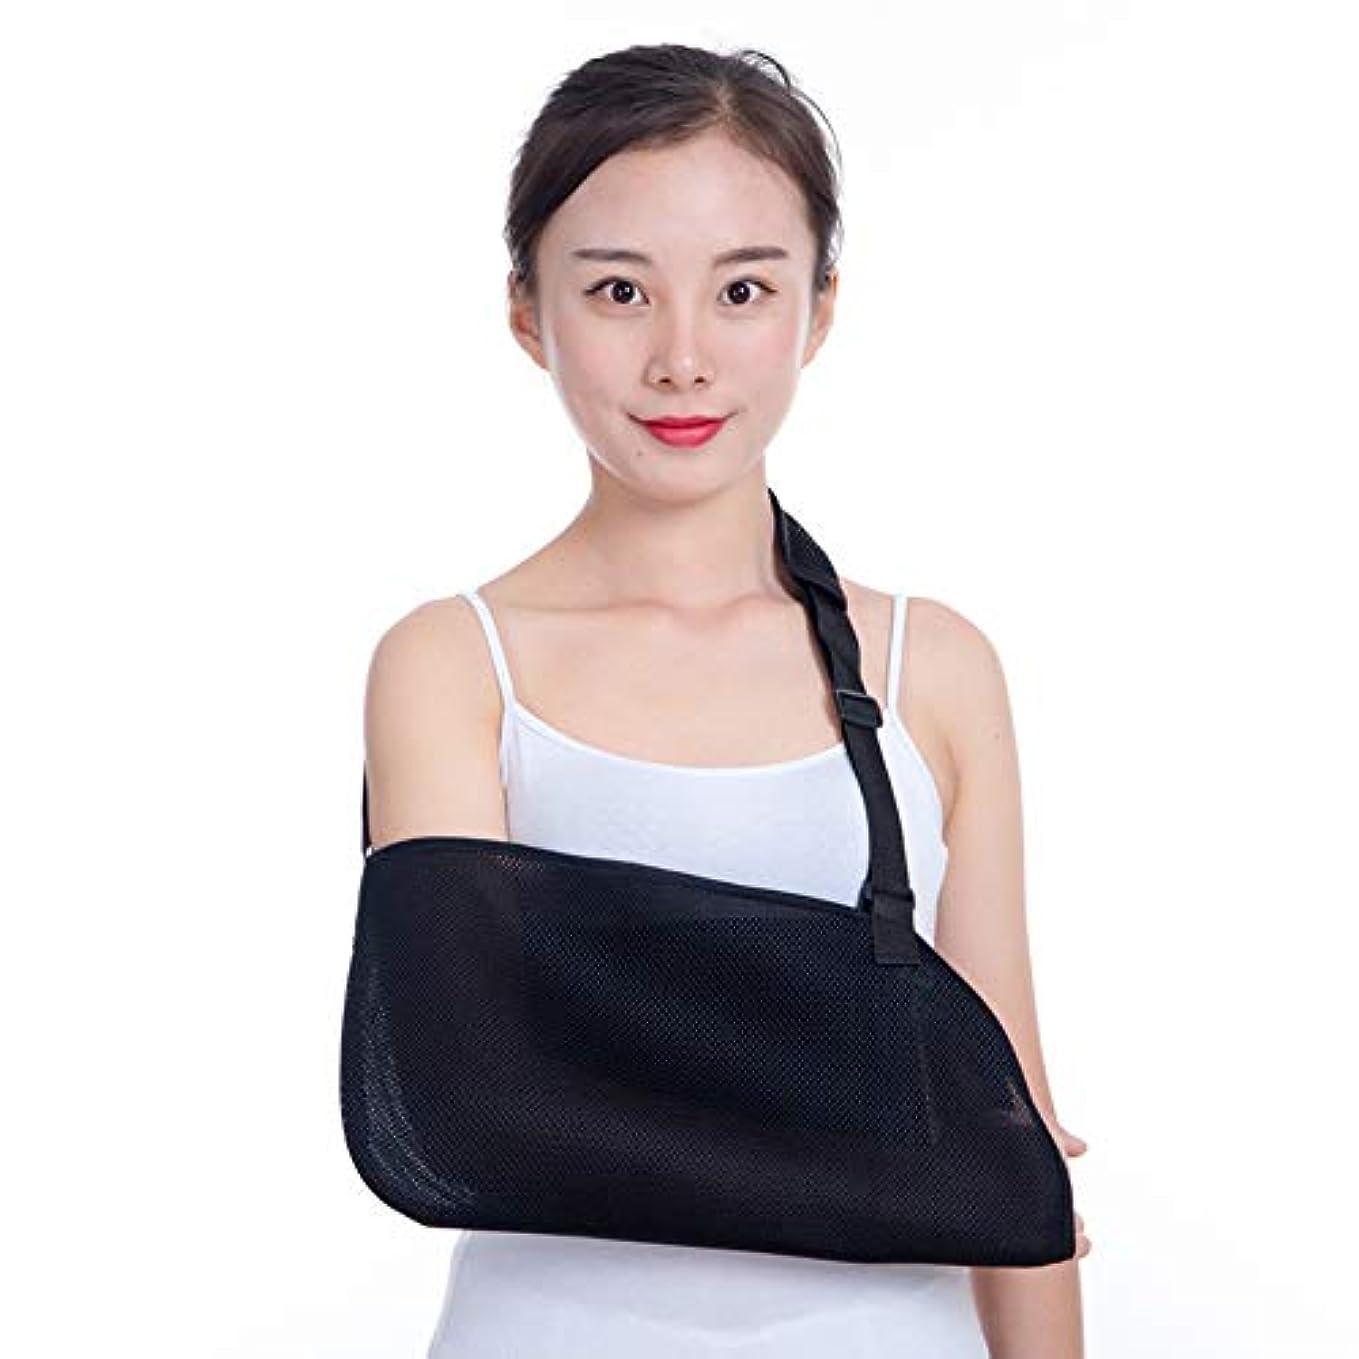 移動悩む胚メッシュアームサポートスリング、ショルダーイモビライザーブレース、通気性と軽量、肩、腕、肘、回旋腱板の痛みを完全に調整可能